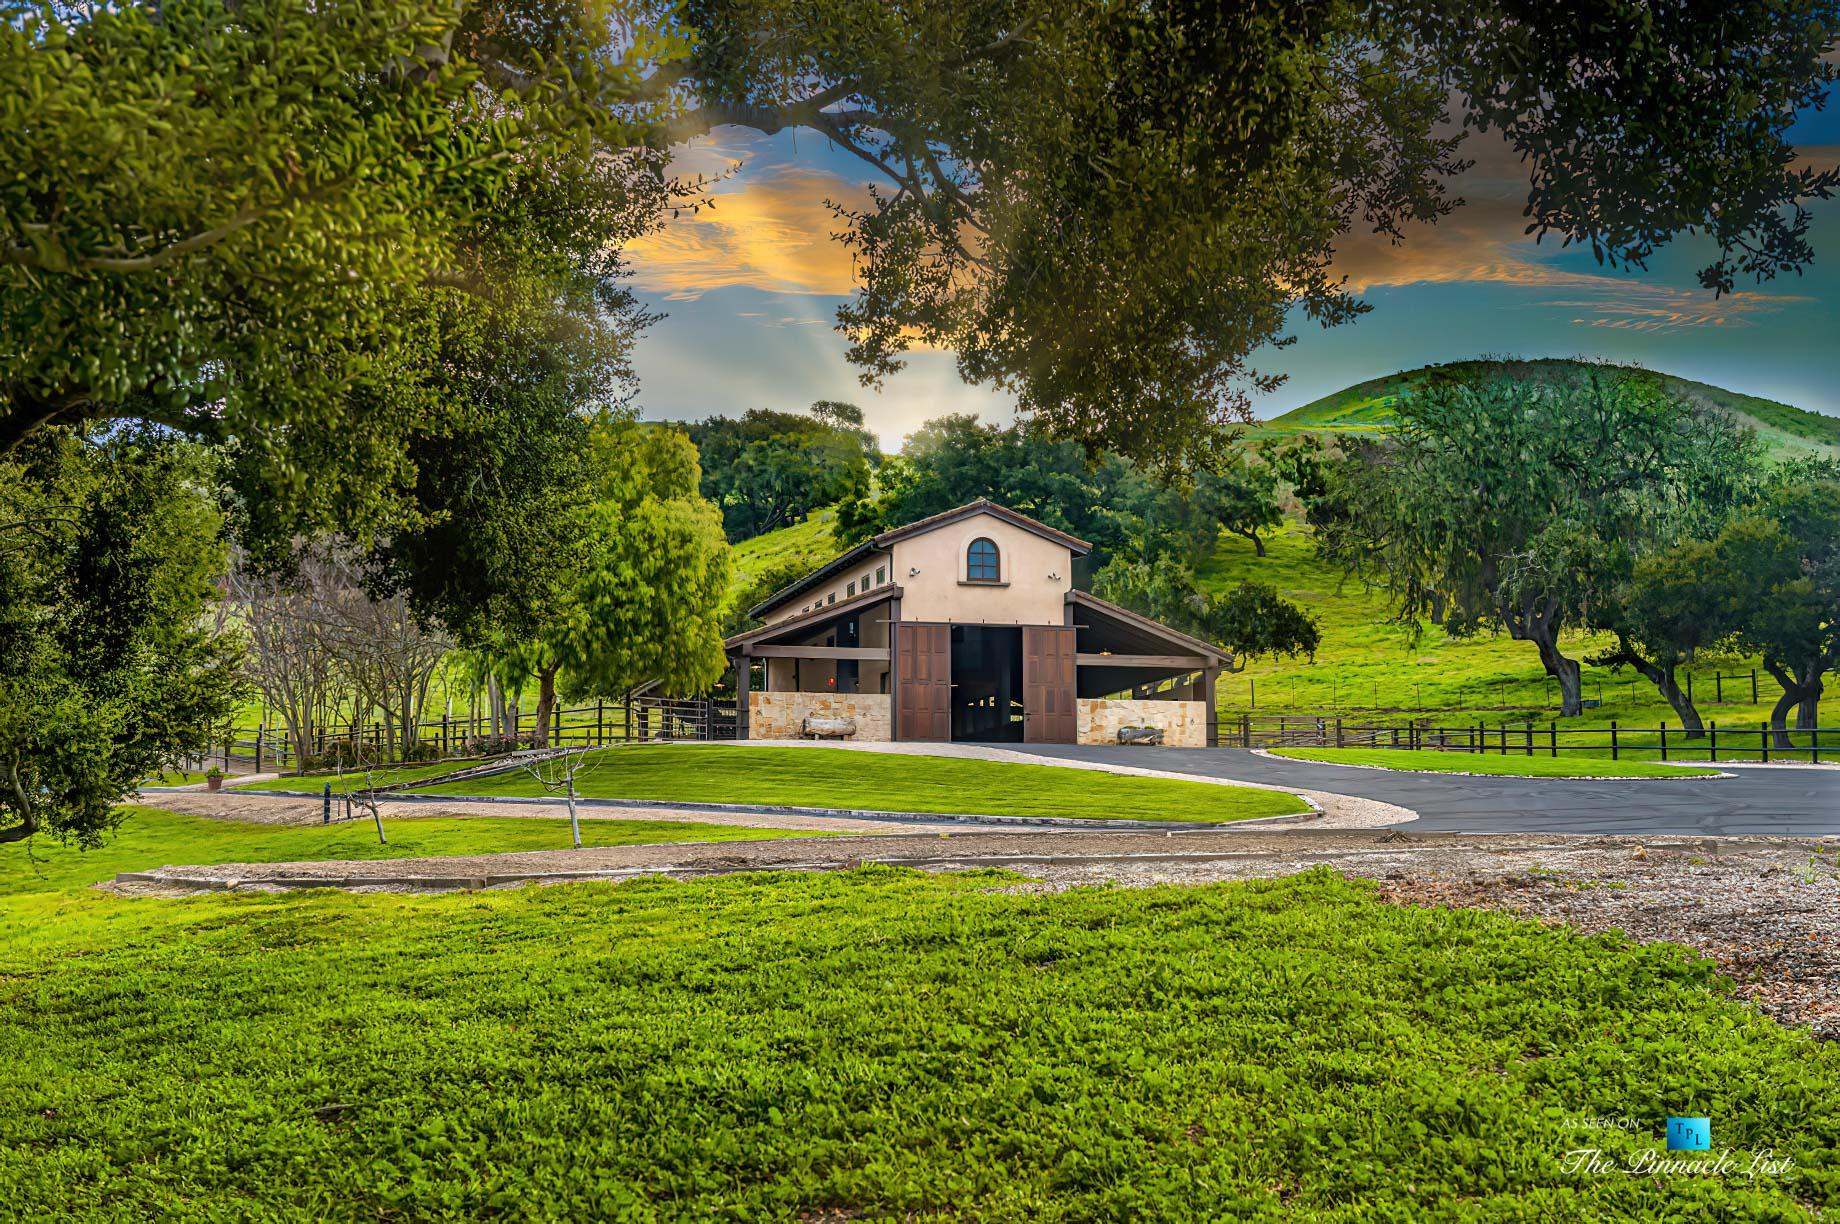 2667 Via De Los Ranchos, Los Olivos, CA, USA – Barn Sunset